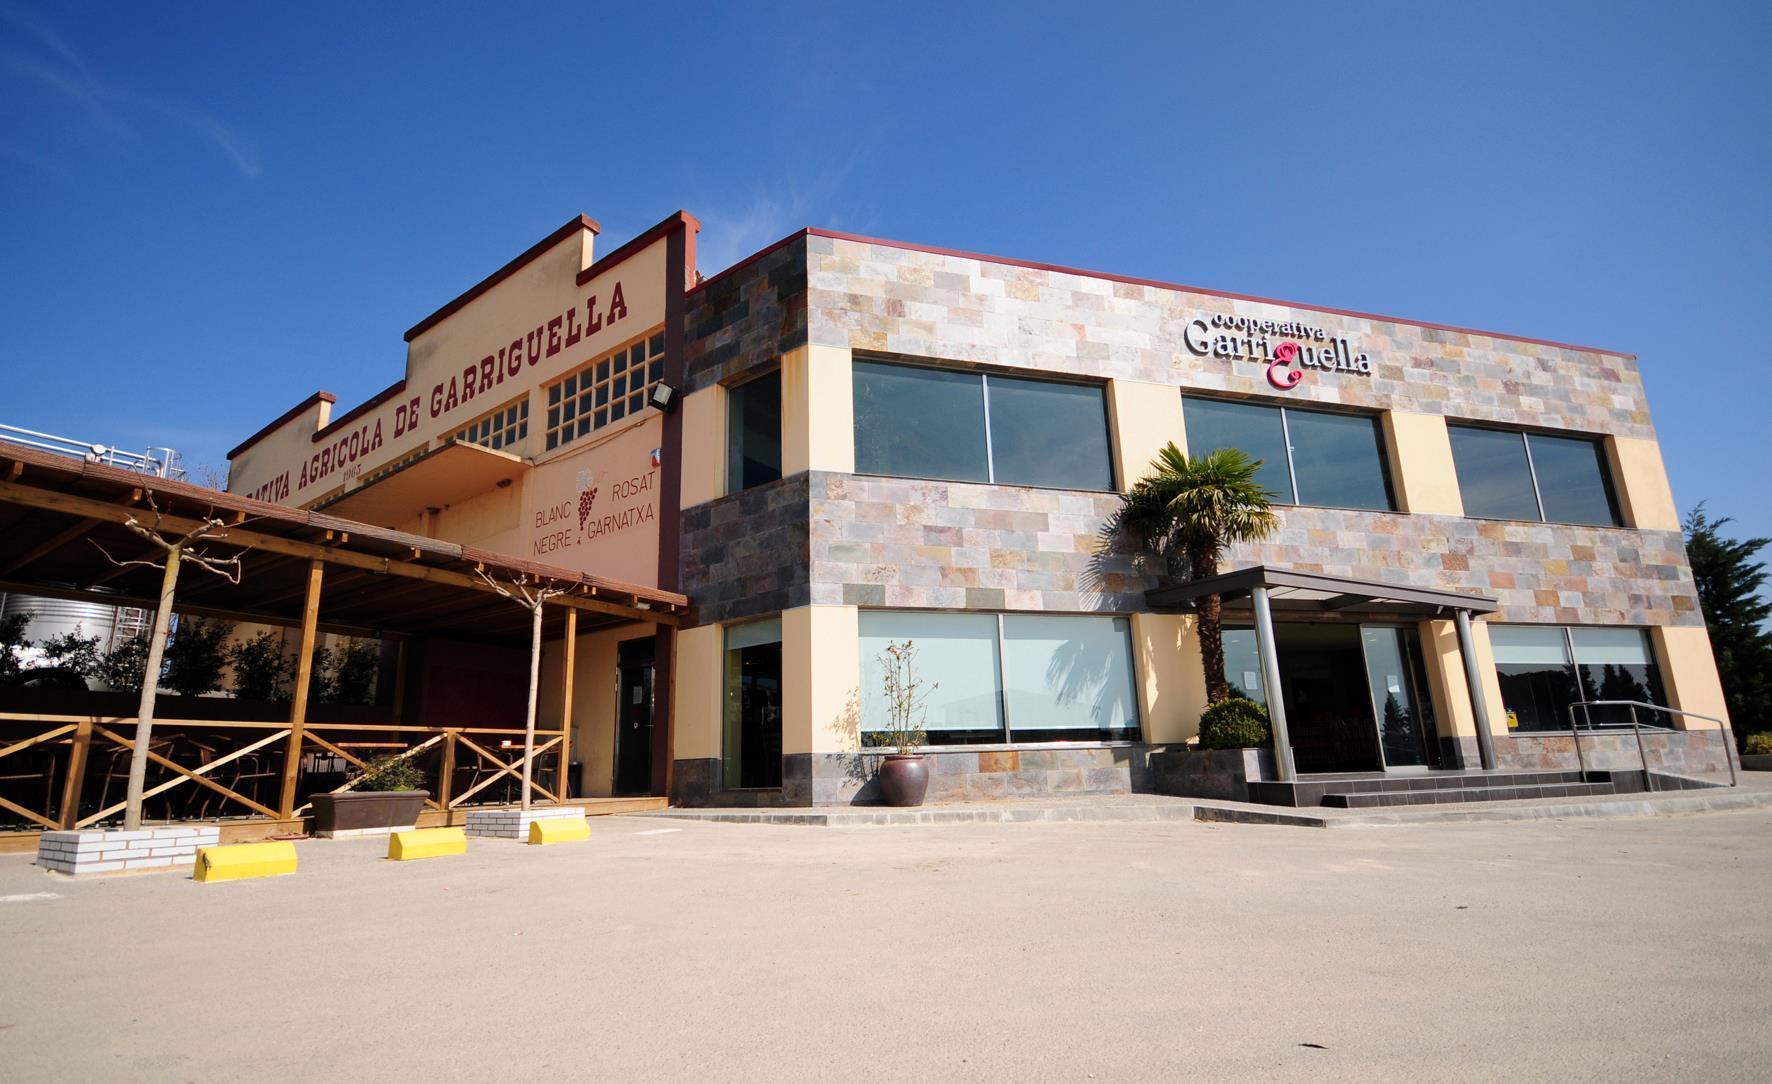 Cooperativa de Garriguella